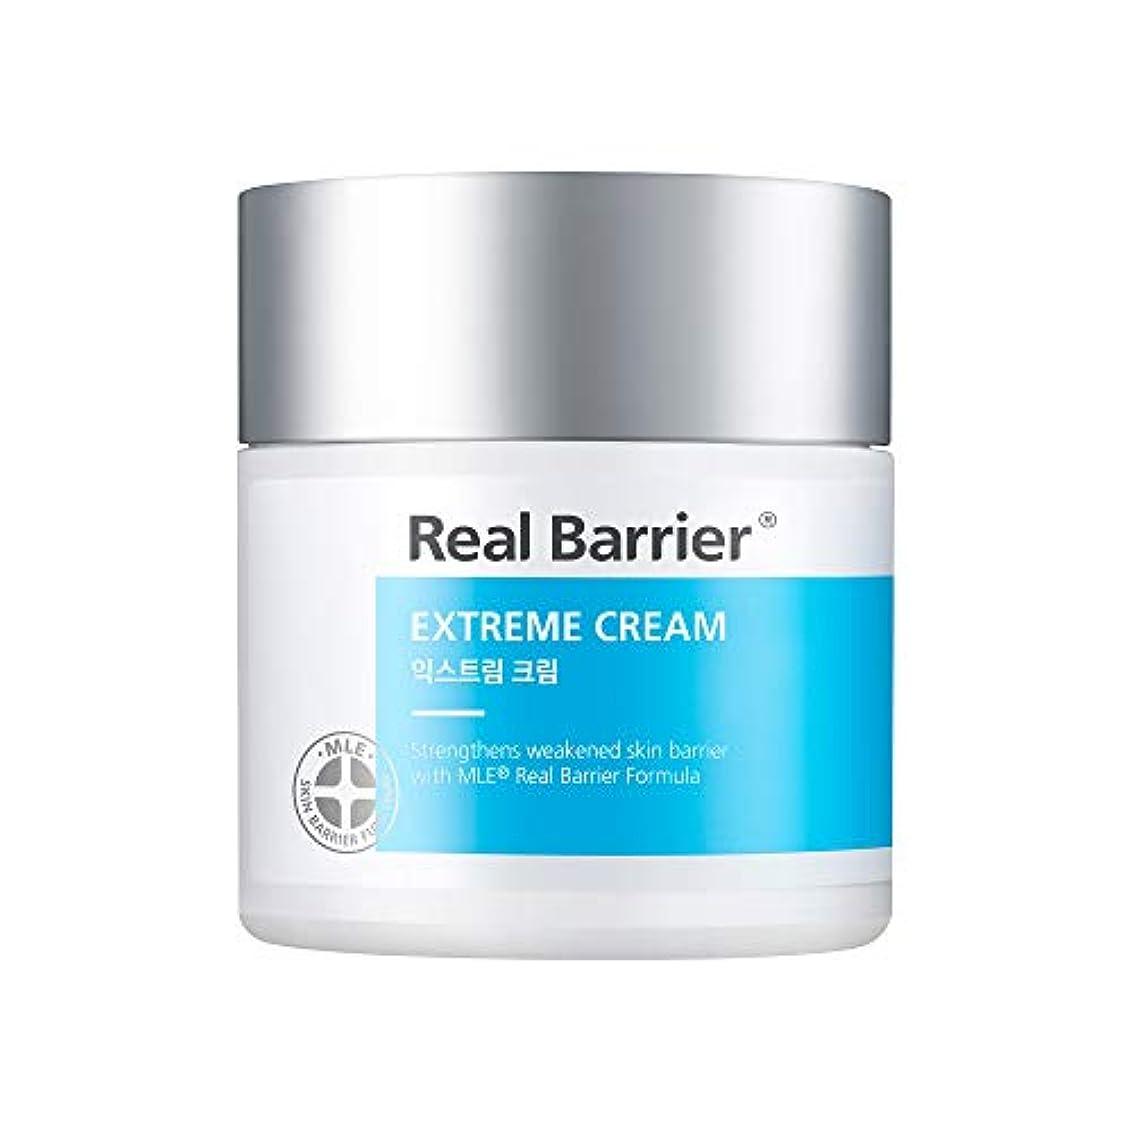 構成する忠実に番目アトパーム(atopalm) リアルベリアエクストリームクリーム/Atopam Real Barrier Extreme Cream